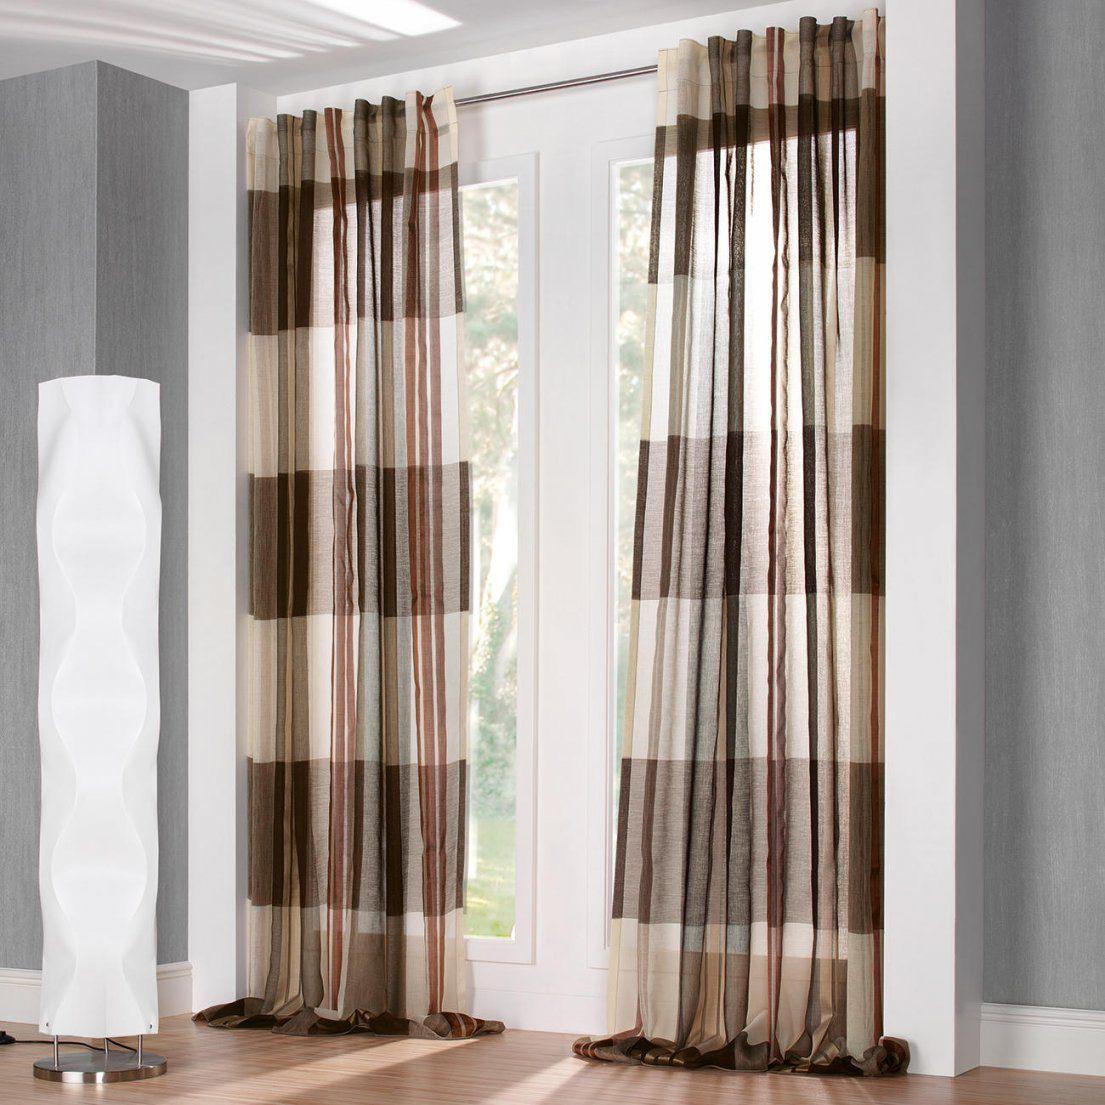 ideen vorhnge elegant moderne vorhnge wohnzimmer einzigartig gardinen wohnzimmer ideen vorhnge. Black Bedroom Furniture Sets. Home Design Ideas